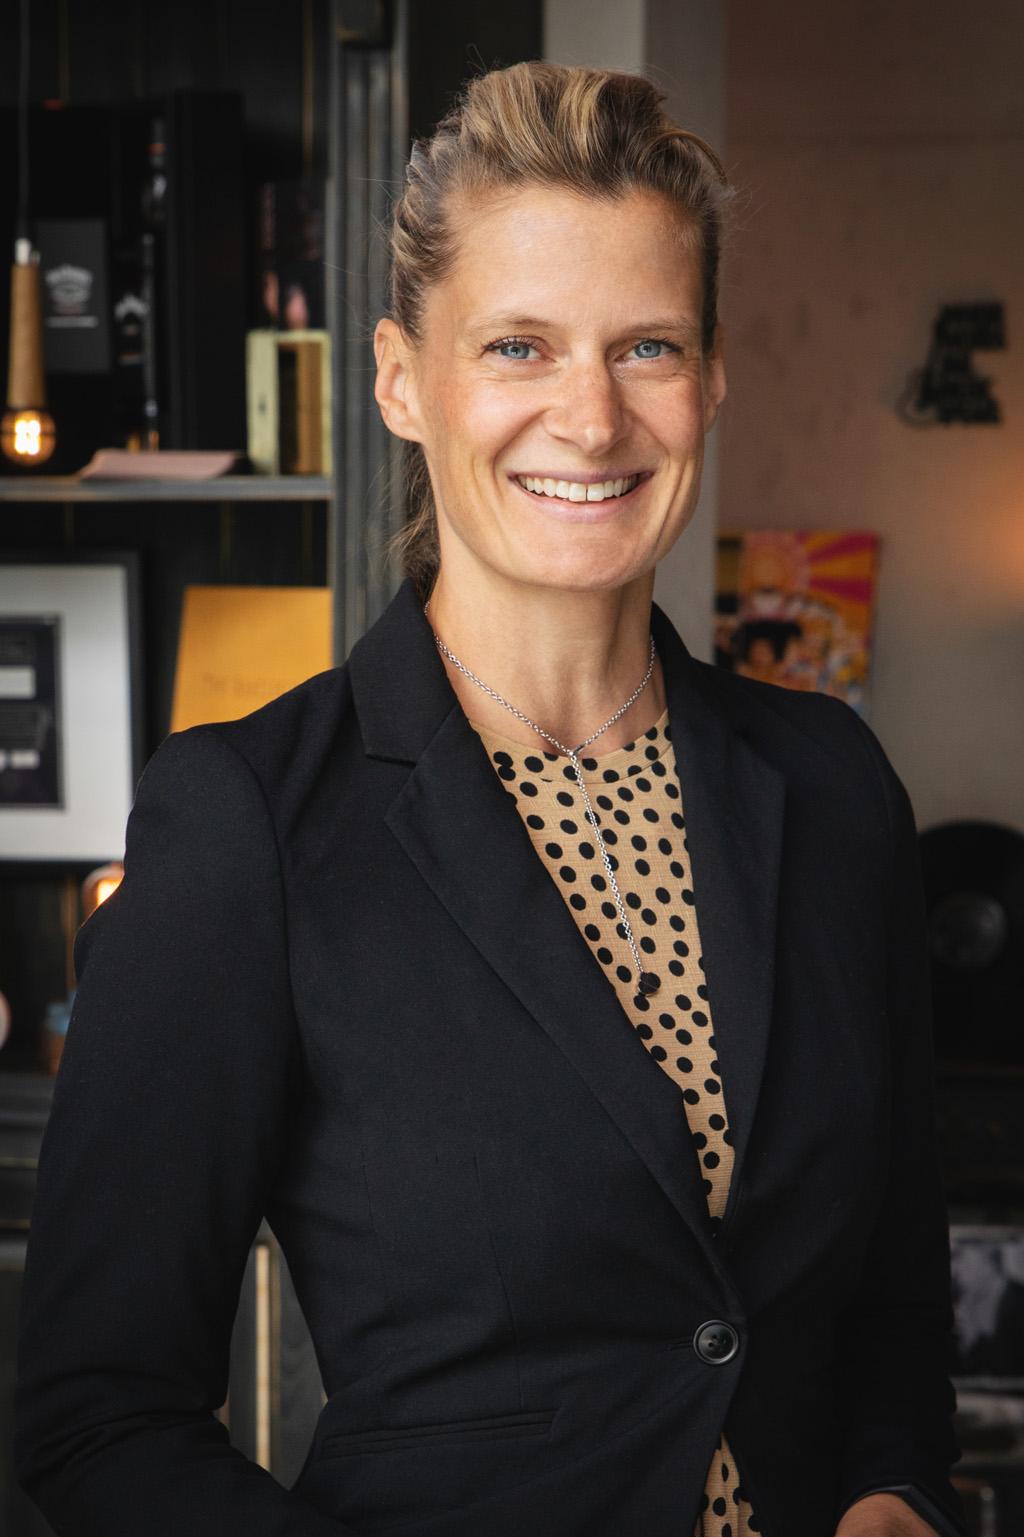 Kati Eismann